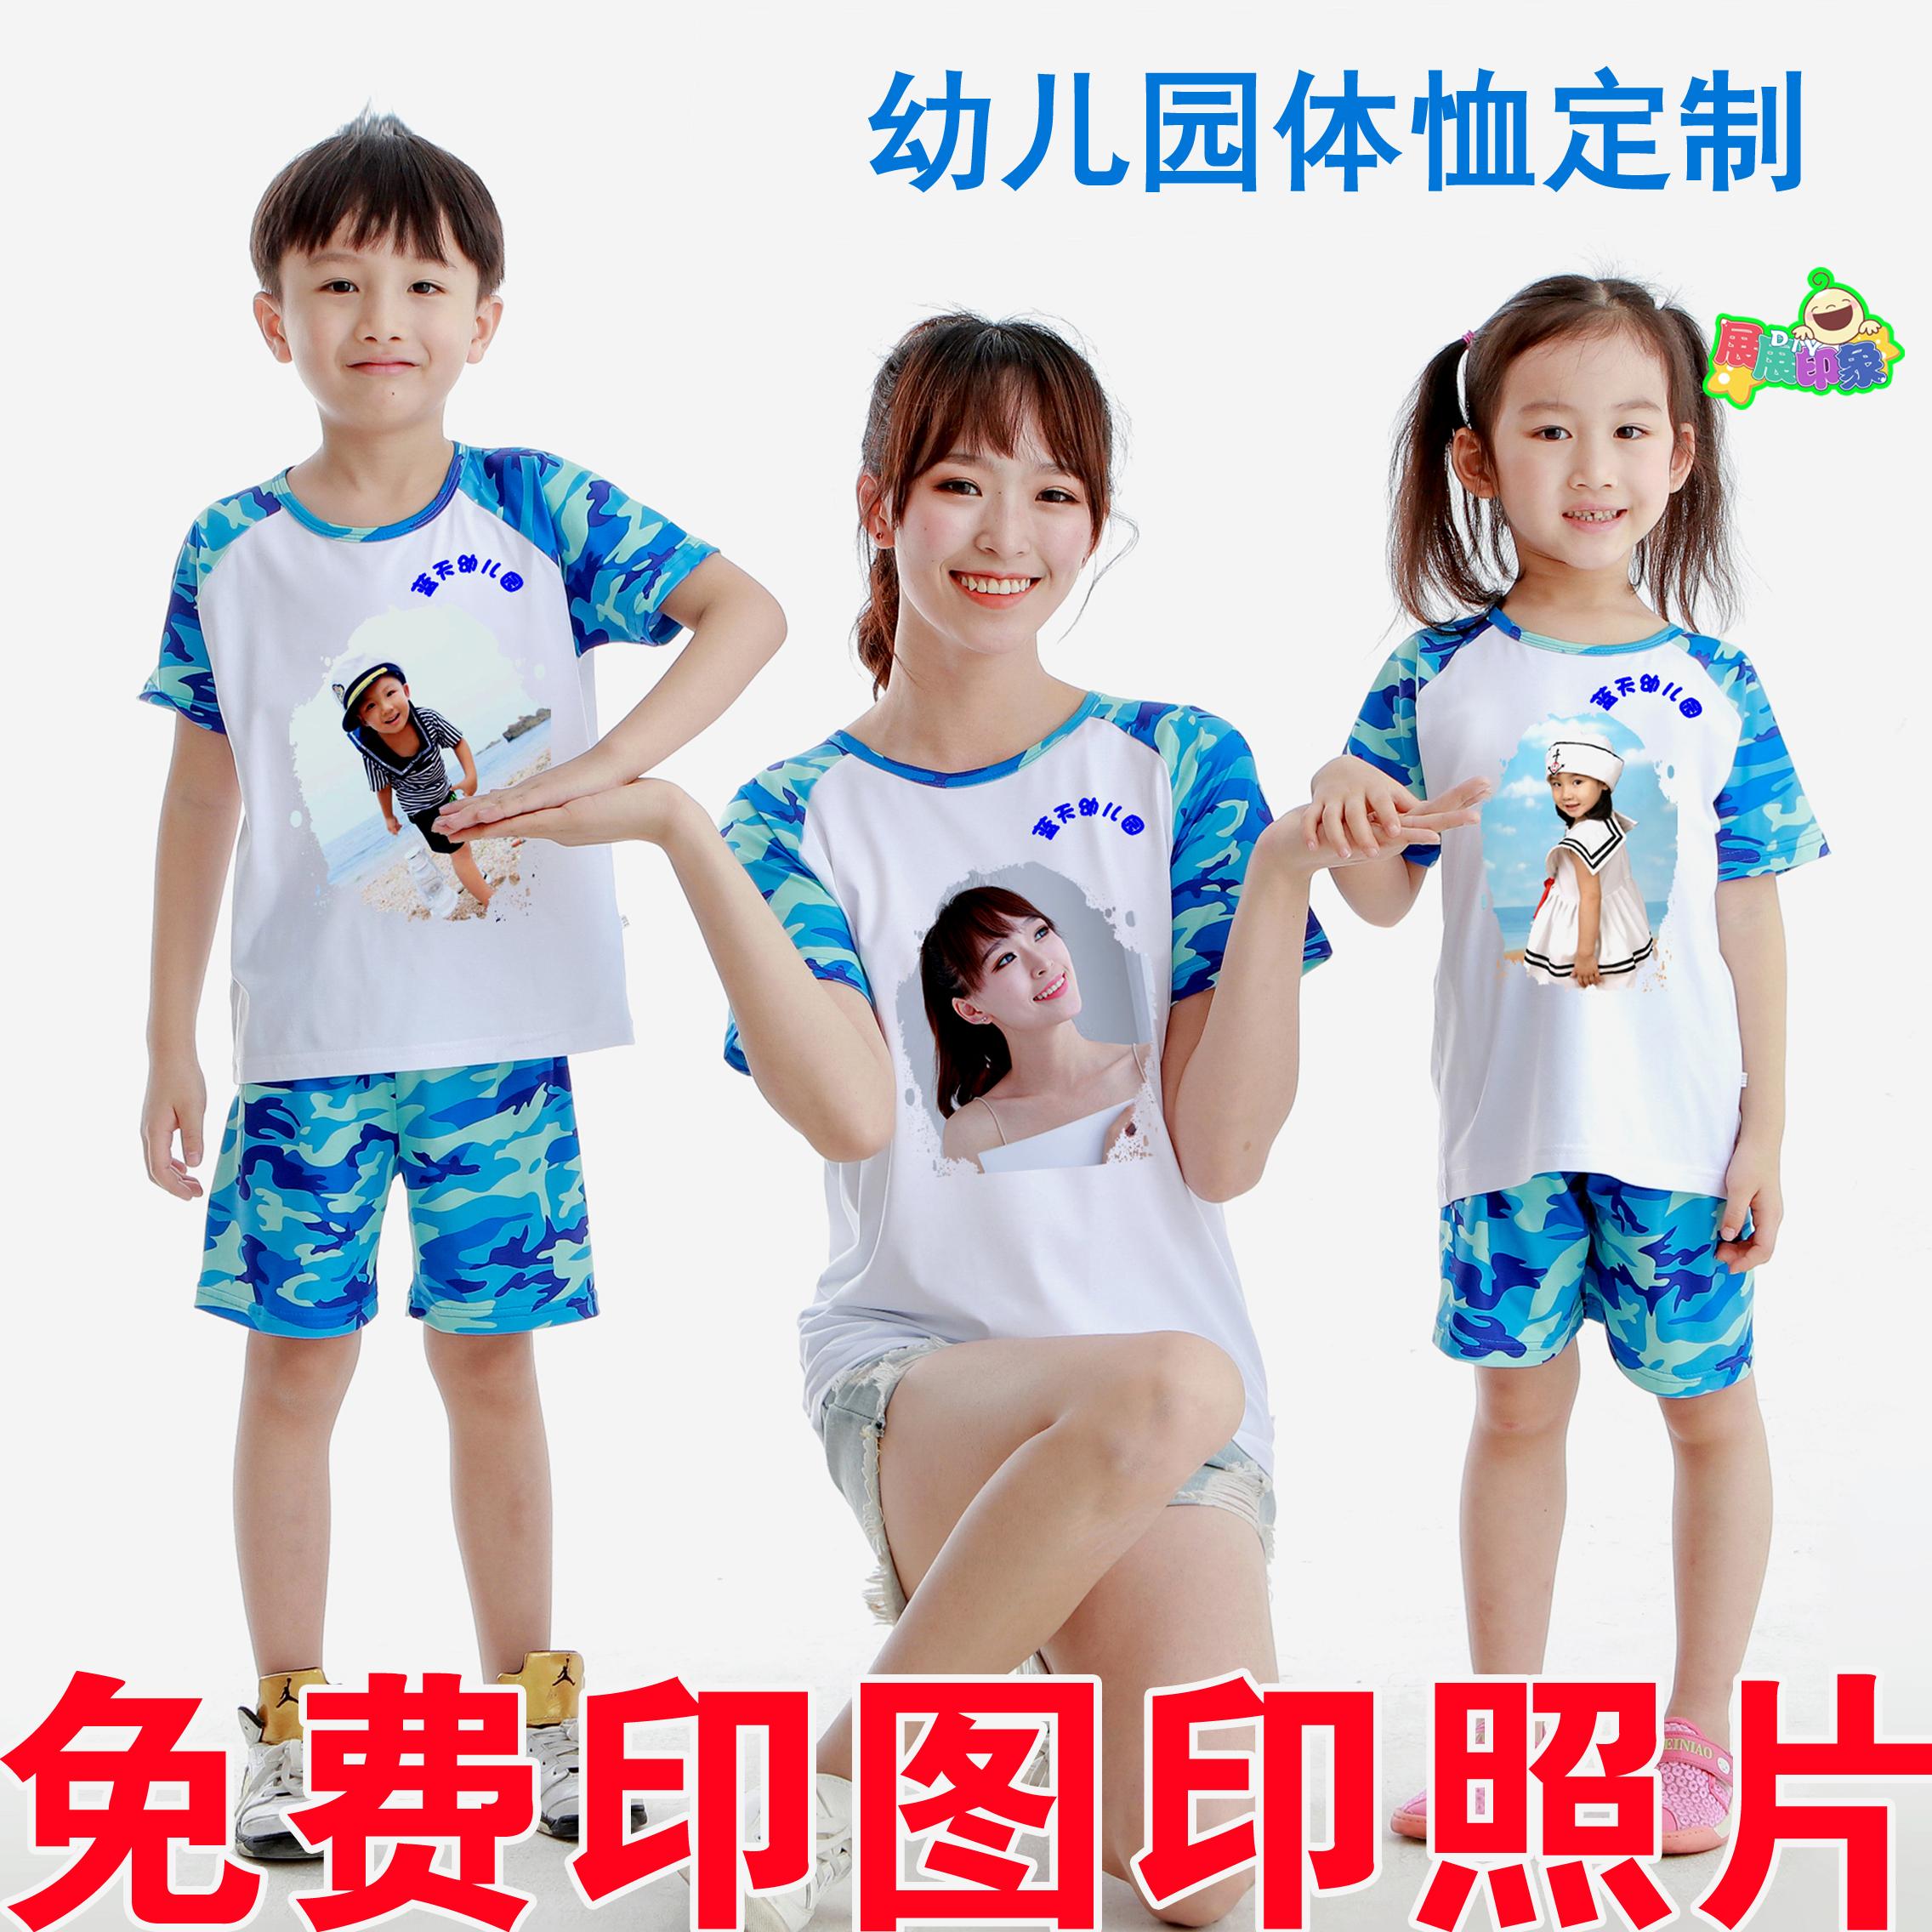 幼儿园T恤印照片个性T恤定制儿童新款迷彩园服套装订制广告衫